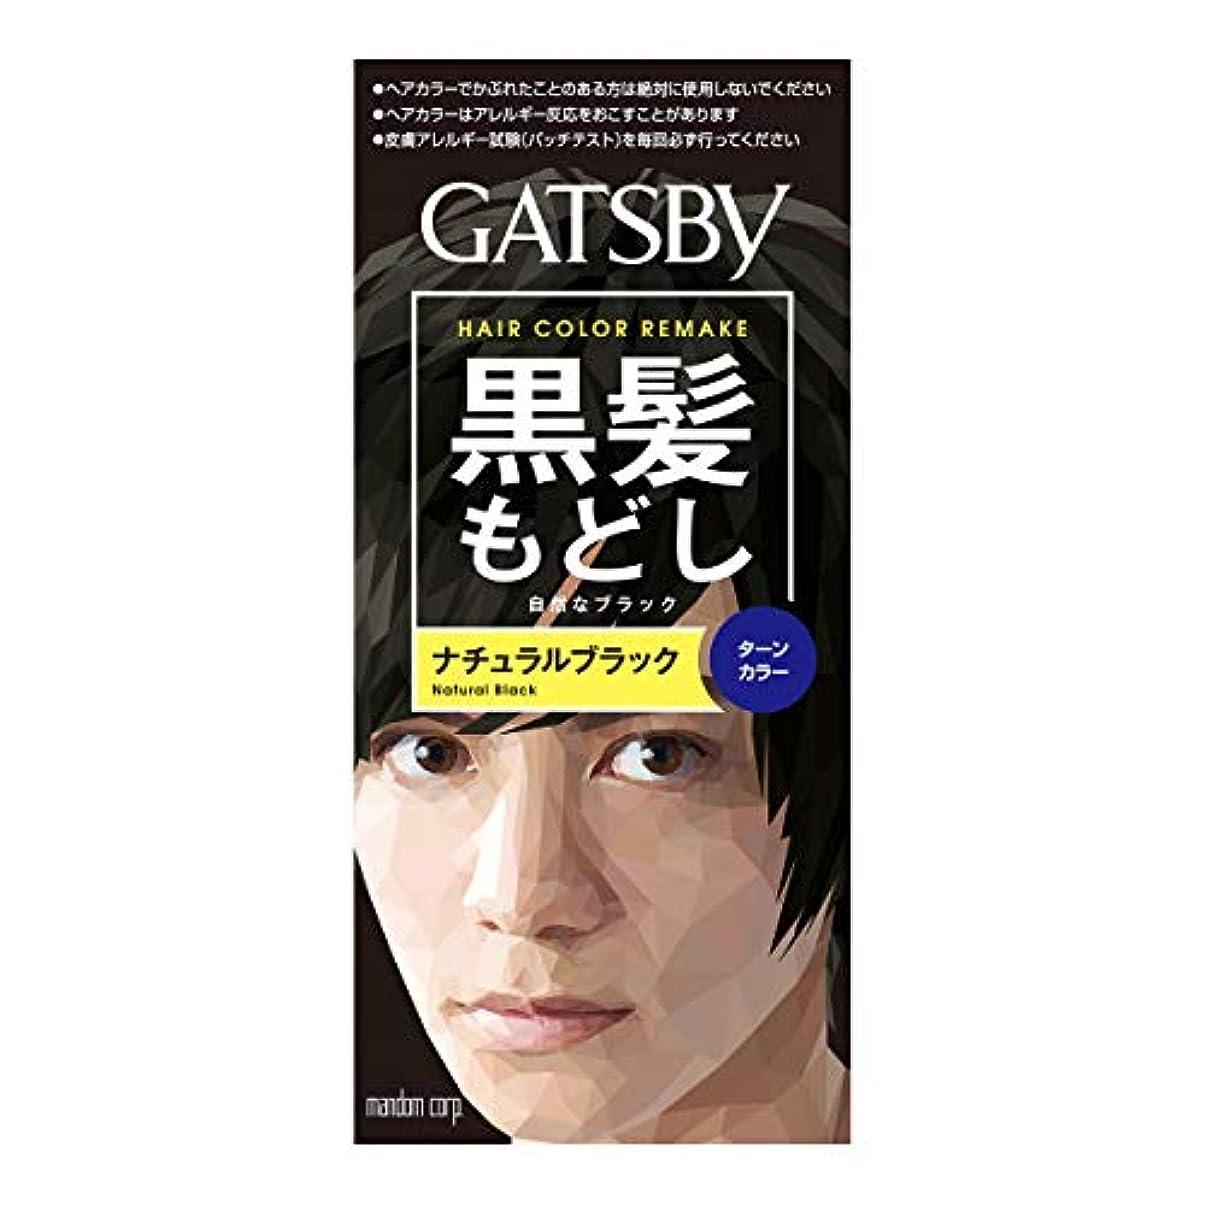 進化布候補者GATSBY(ギャツビー) ターンカラー ナチュラルブラック 1剤35g 2剤70mL (医薬部外品)